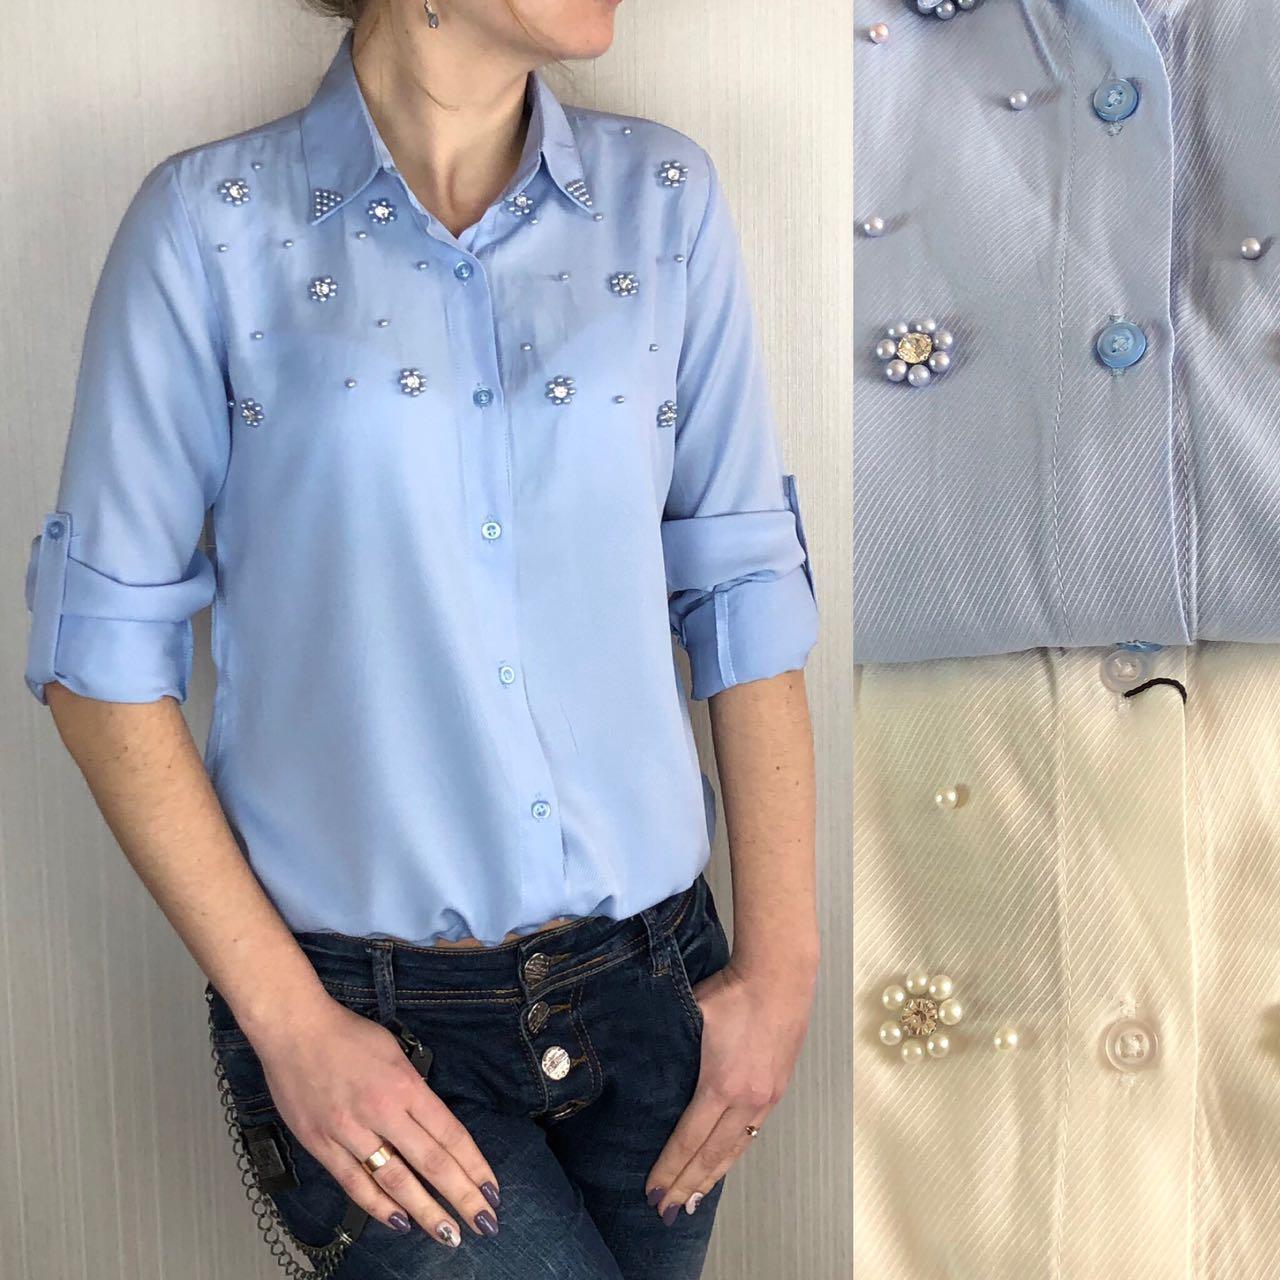 28aefaf27937 Женская рубашка камни Турция - купить по лучшей цене в Украине от ...